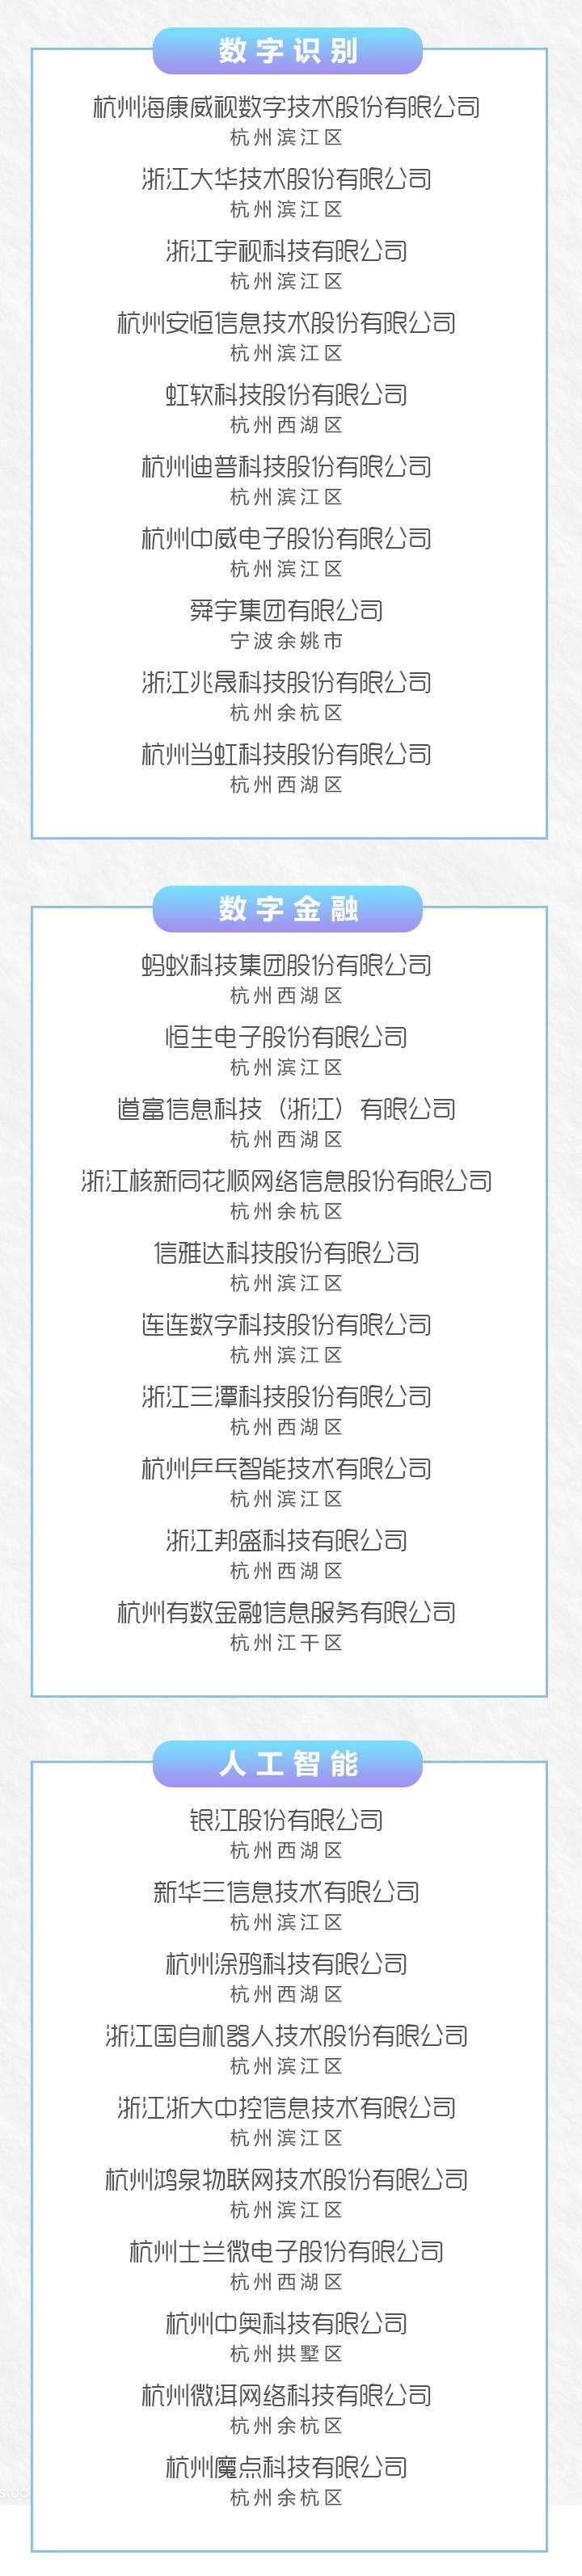 数字贸易百强_03.png